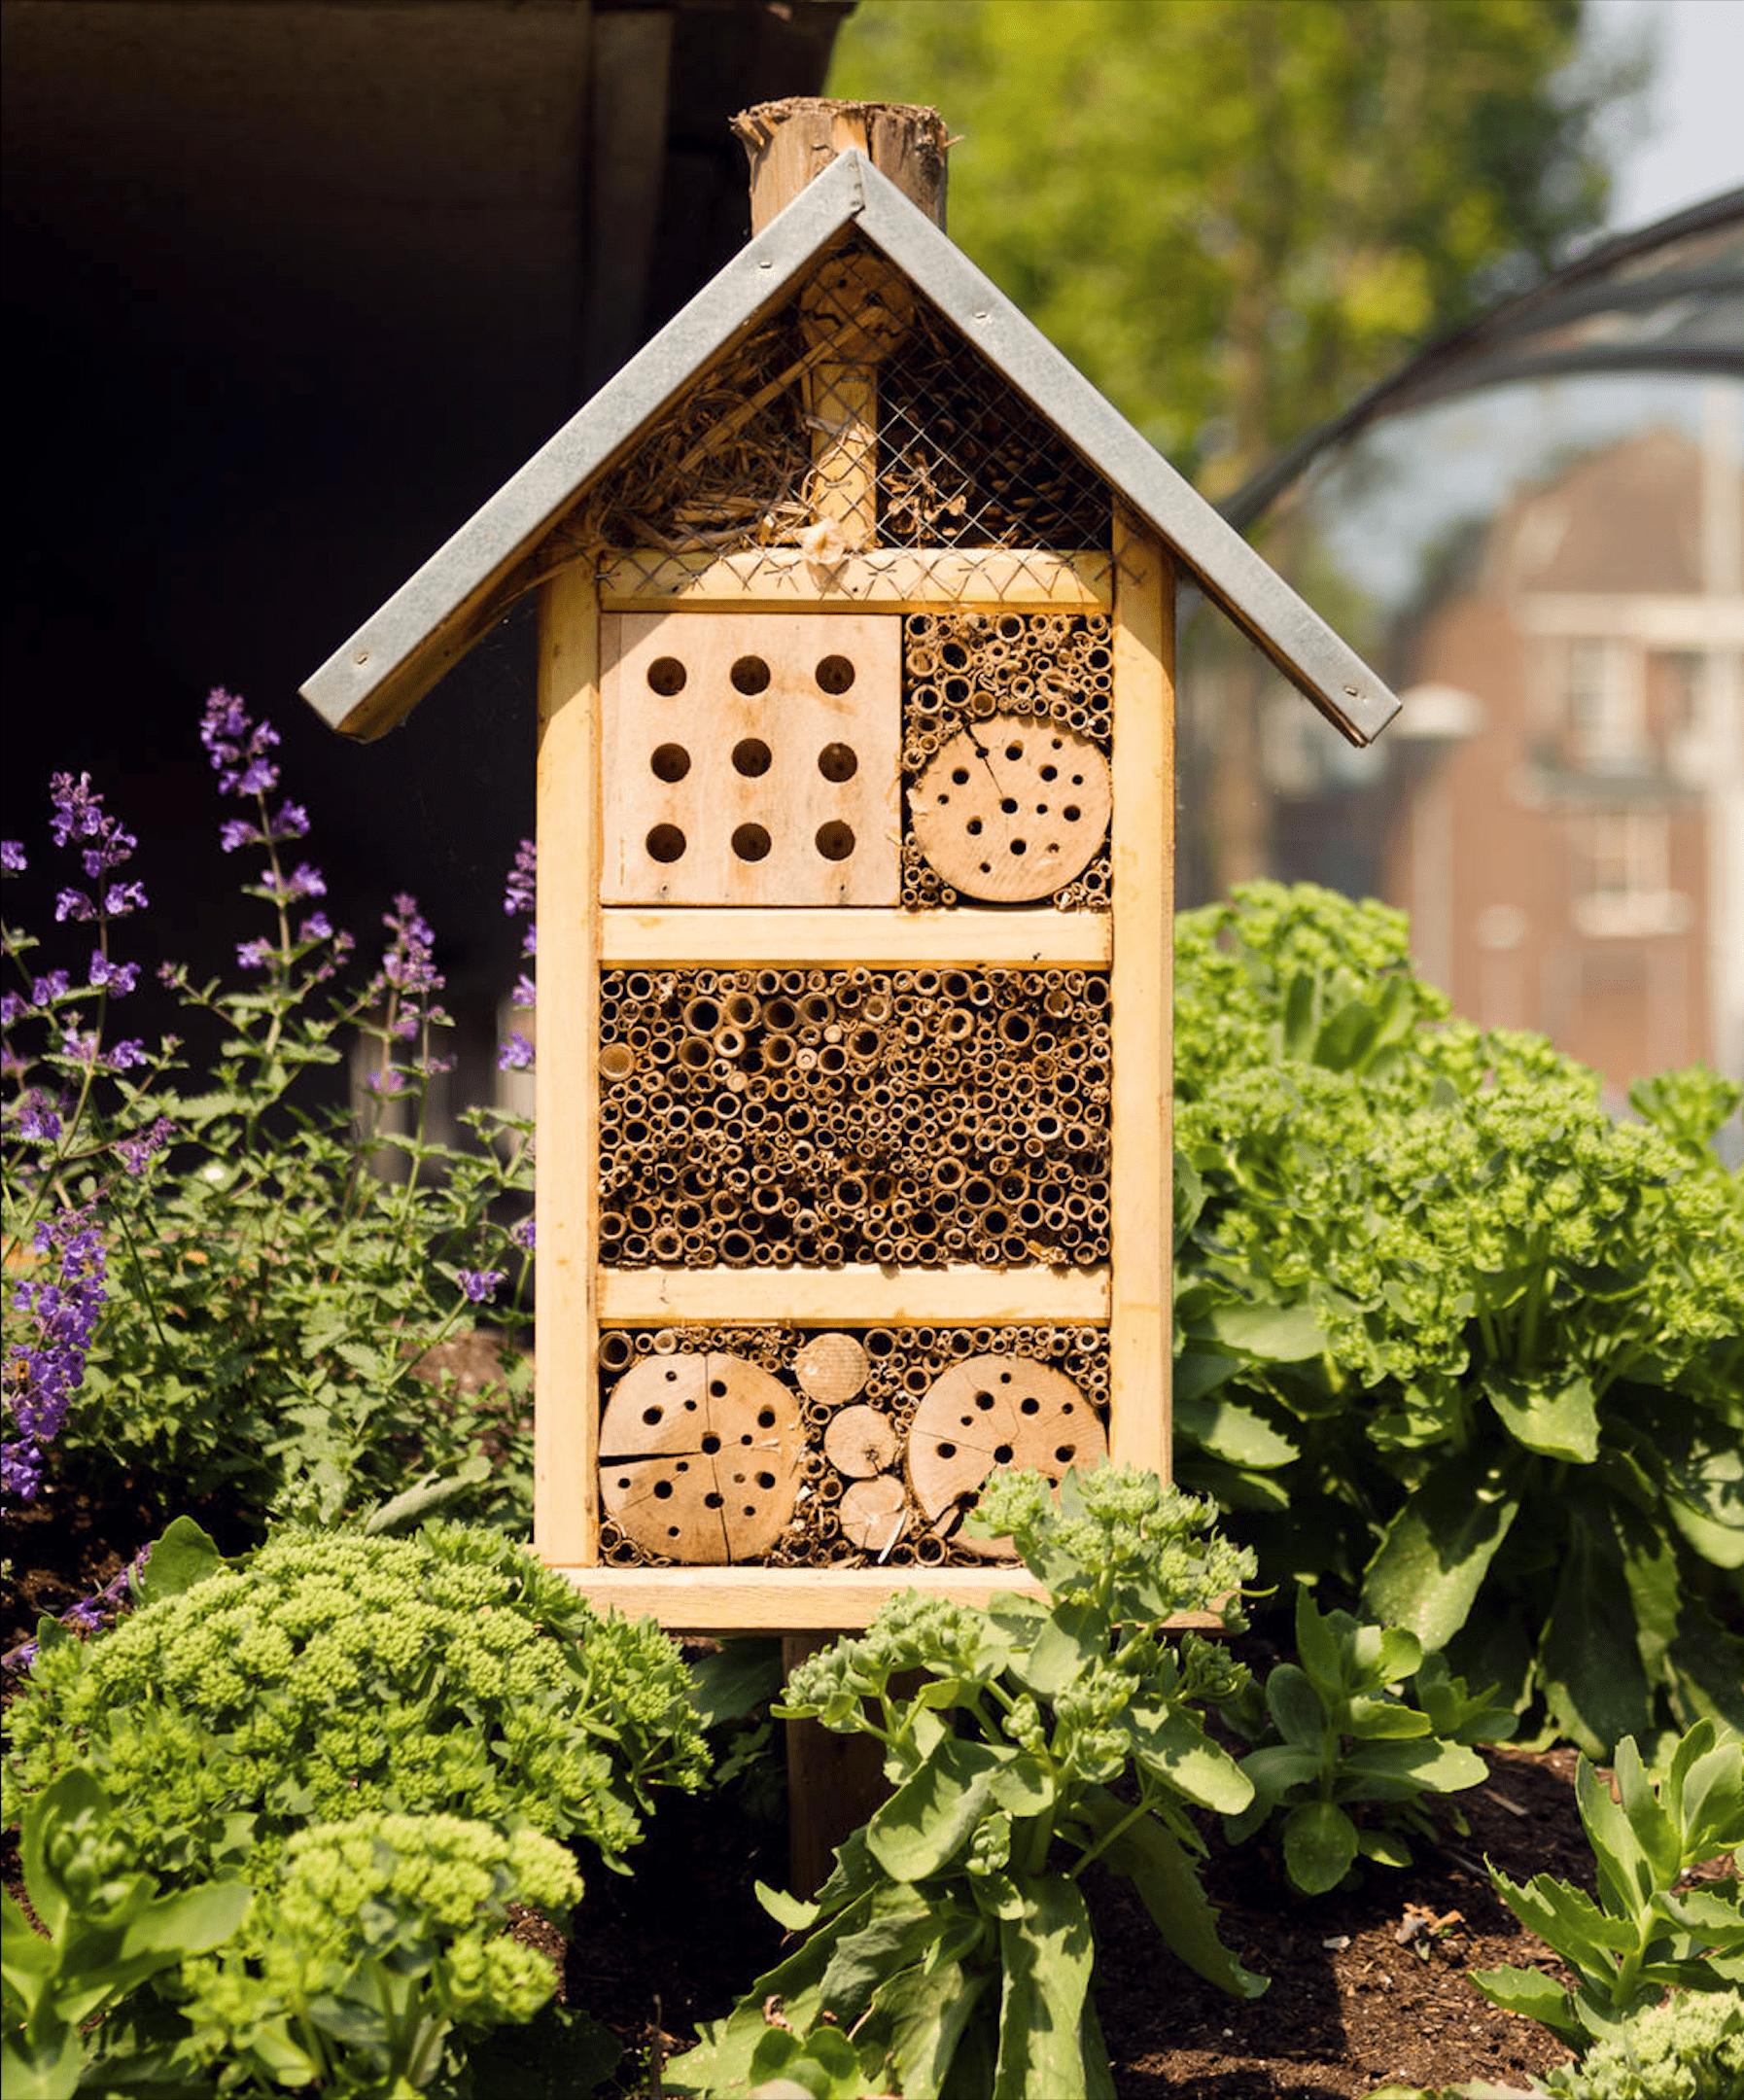 V současné krajině čím dál tím více plundrované technologickým pokrokem ubývá celé řady živočichů včetně hmyzu. Pokud patříte mezi přátele přírody a chcete si na zahrádku nastěhovat užitečné pomocníky, postavte jim hmyzí hotel.